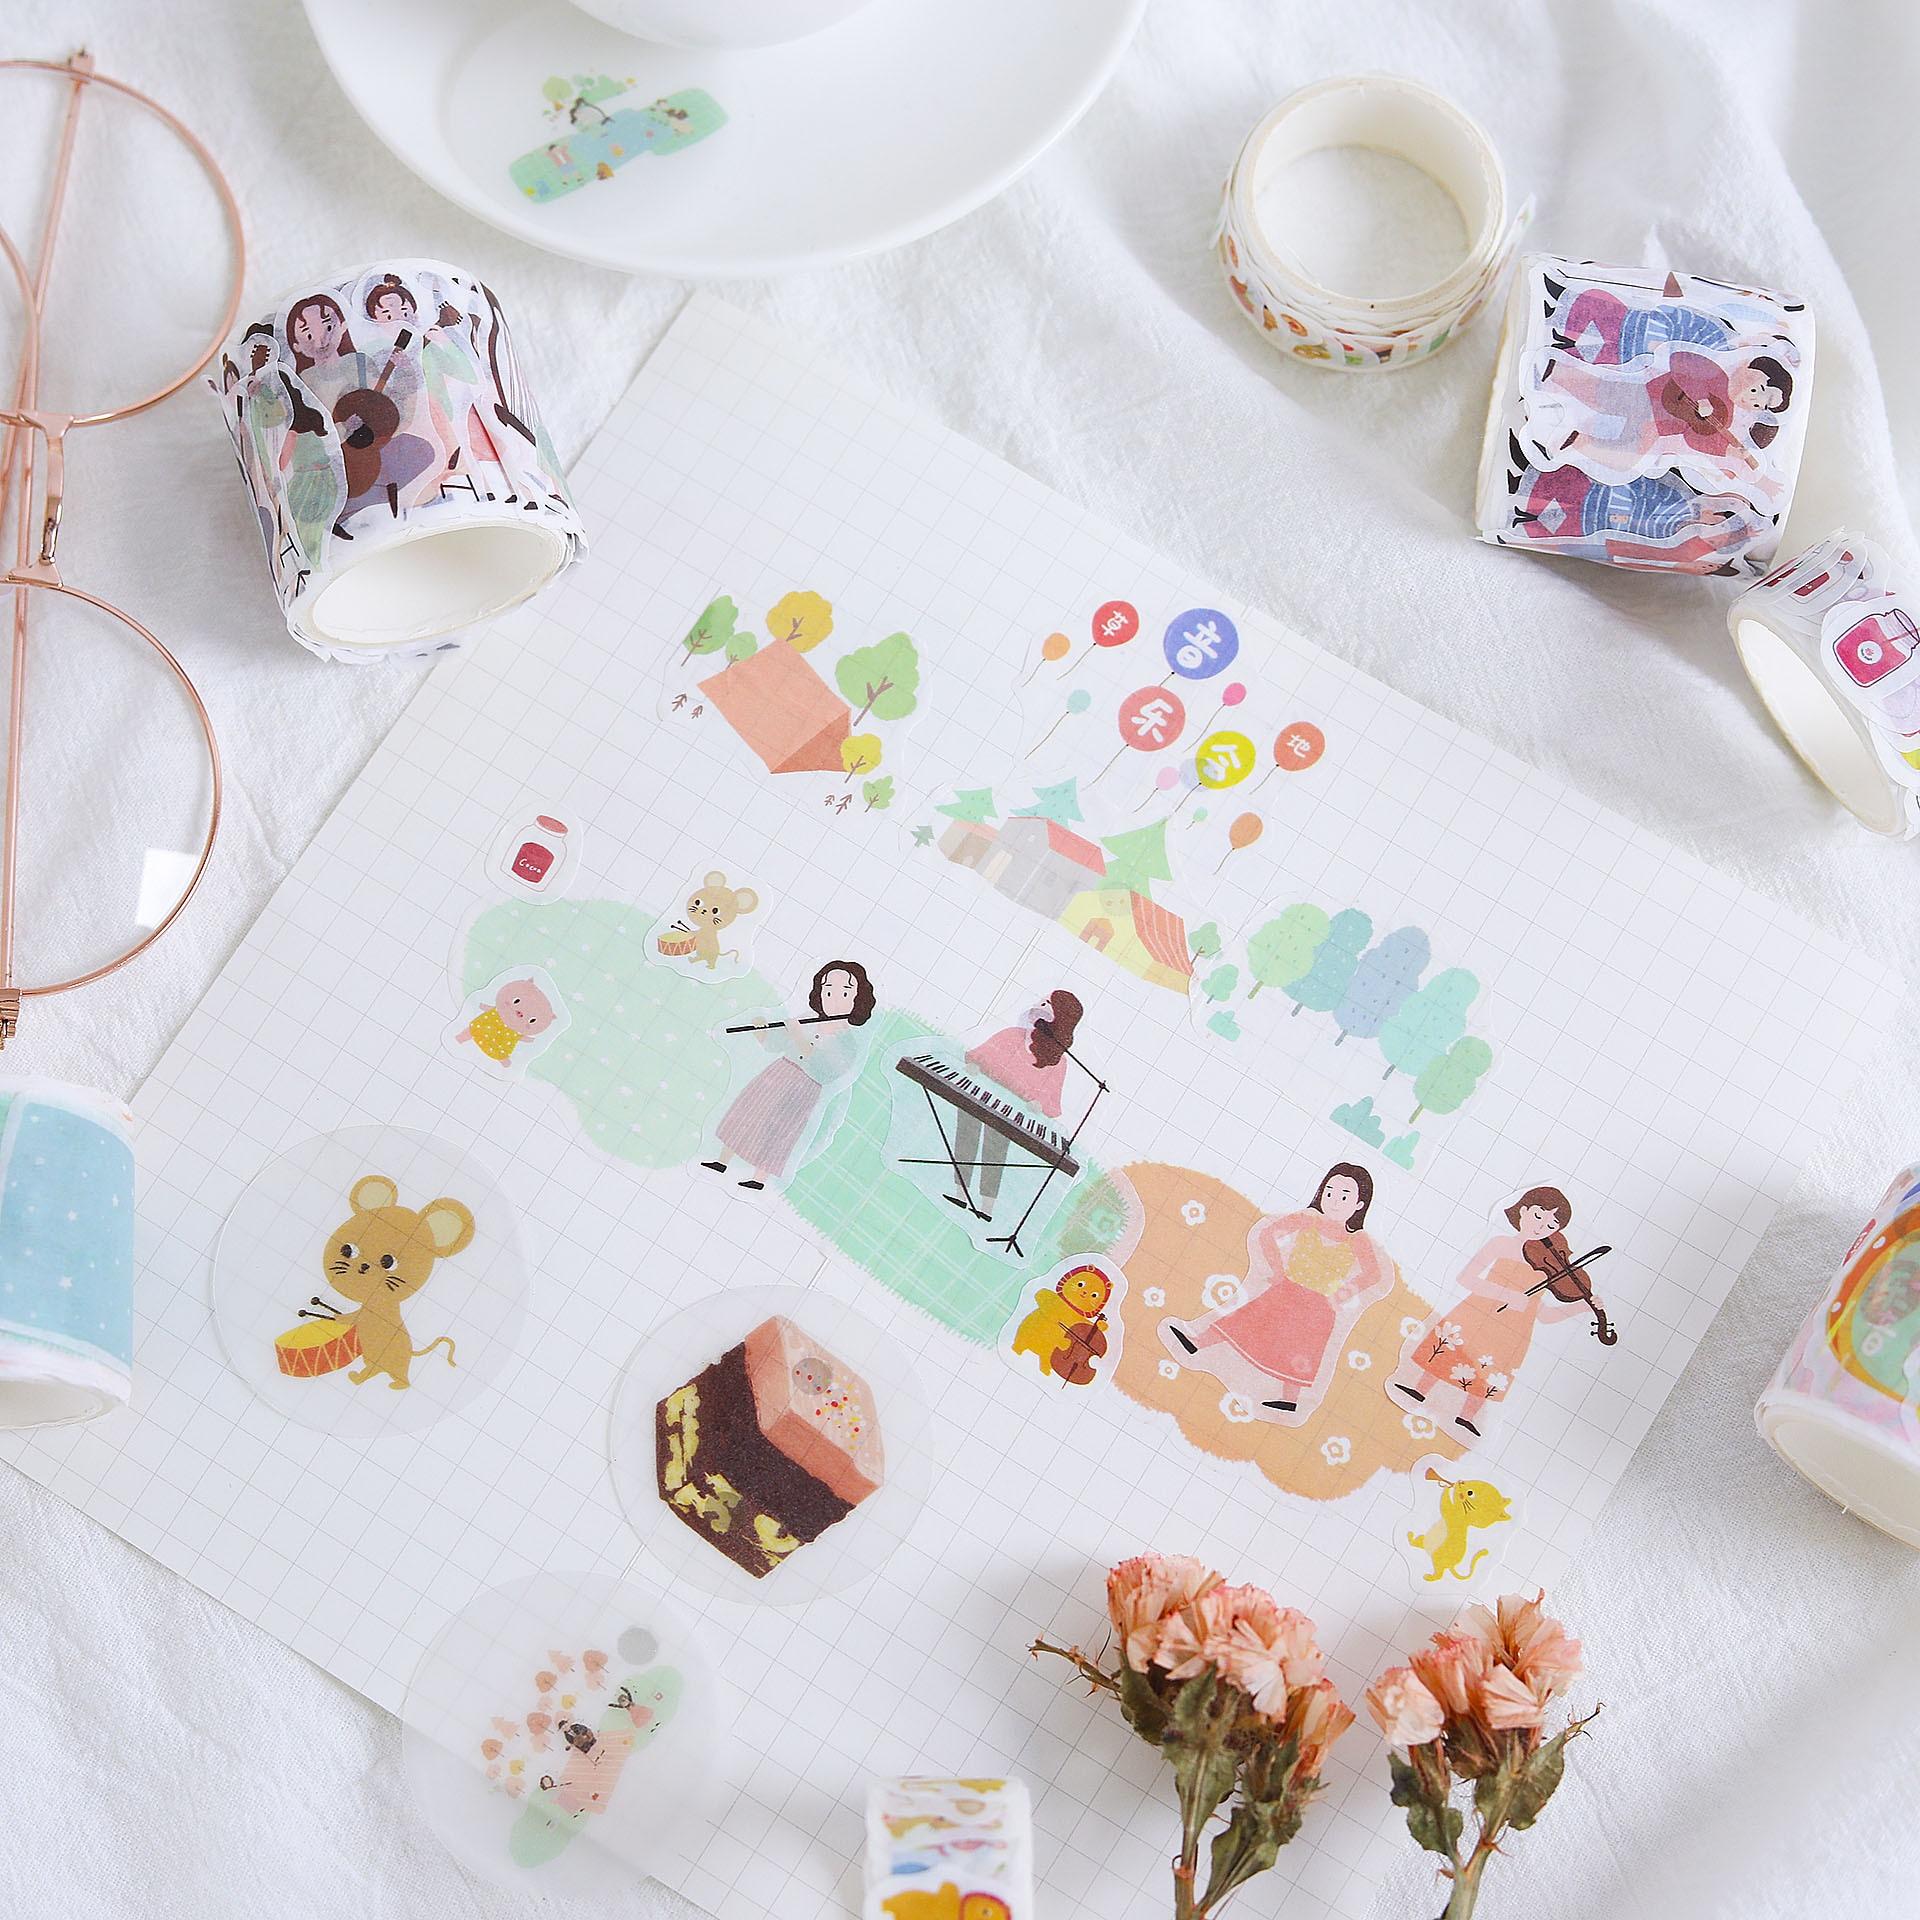 1 Набор/1 лот клейкая лента из рисовой бумаги маленькая свежая трава концертный декоративный Клей Скрапбукинг DIY Бумага японские наклейки